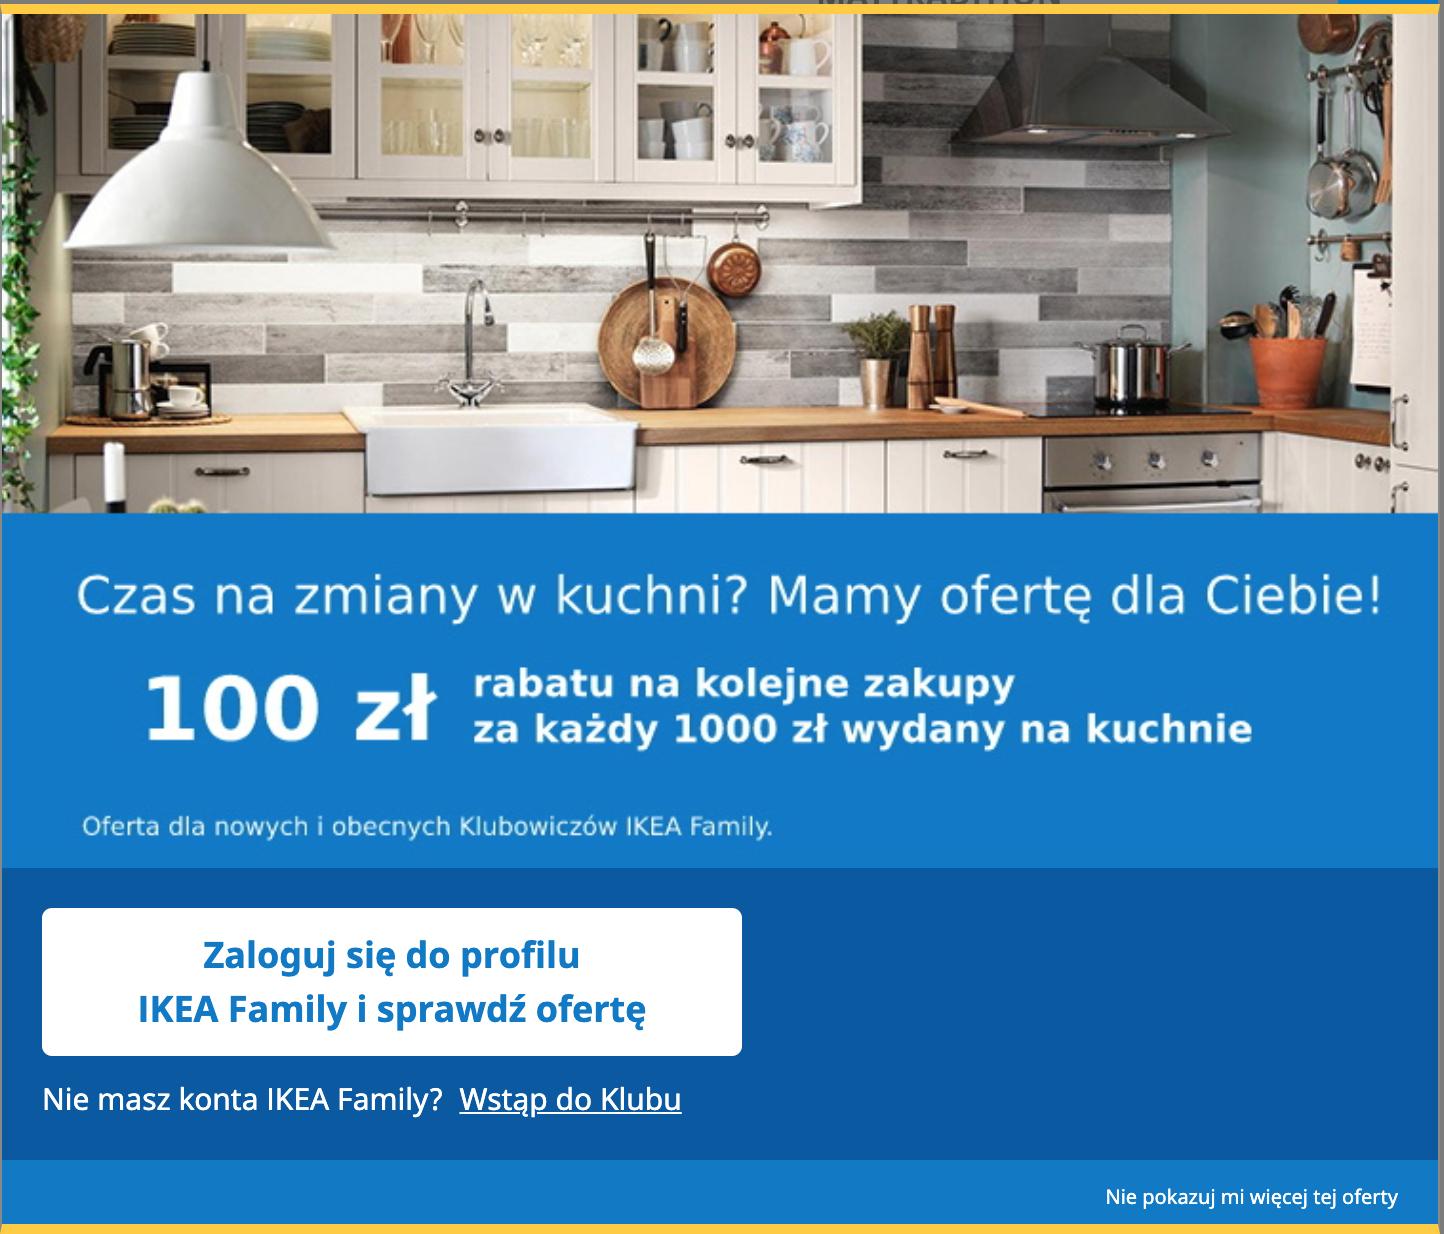 Ikea 100 zł rabatu na kolejne zakupy za każdy 1000 zł wydany na kuchnie